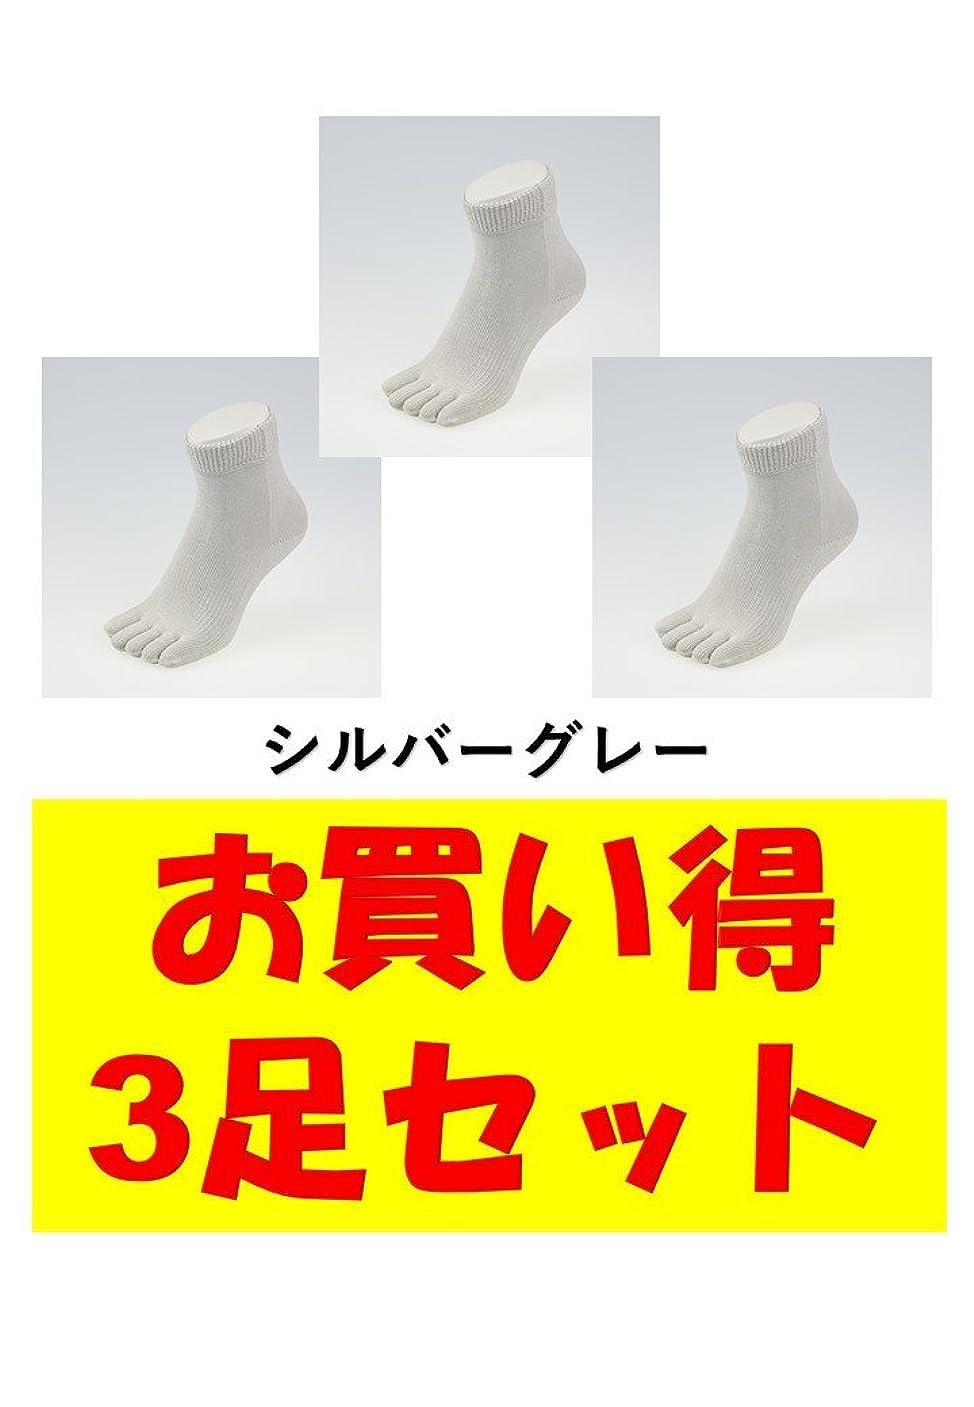 目を覚ます試みるマイナーお買い得3足セット 5本指 ゆびのばソックス Neo EVE(イヴ) シルバーグレー Sサイズ(21.0cm - 24.0cm) YSNEVE-SGL